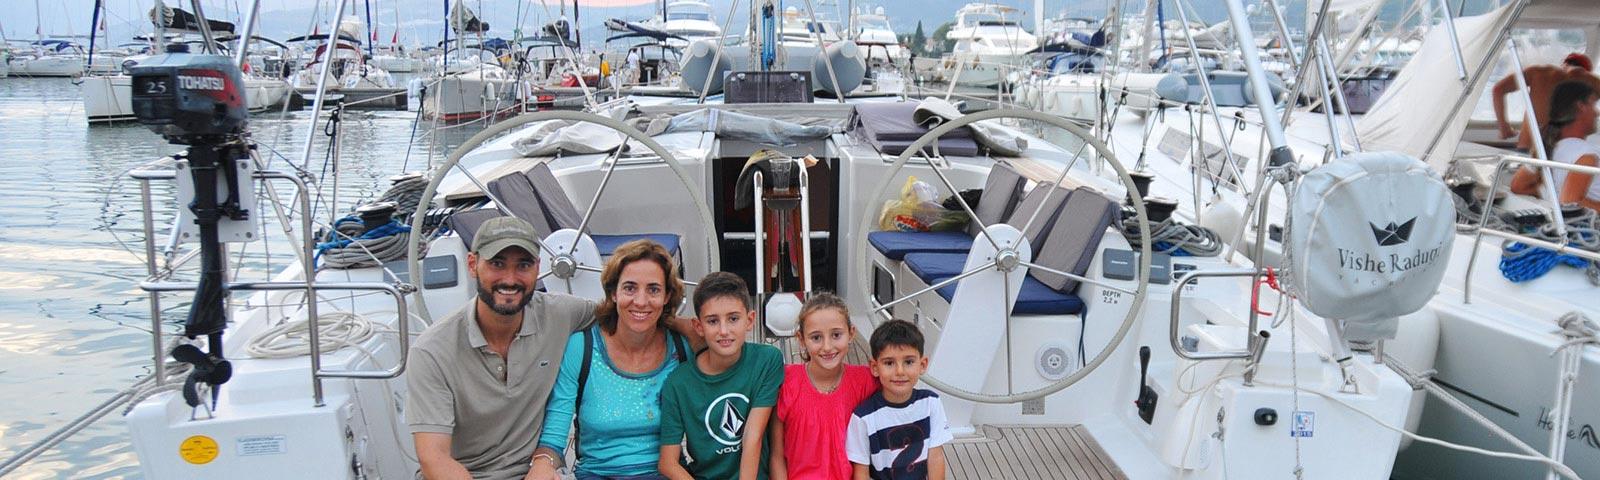 viaje-velero-familia-croacia (1)